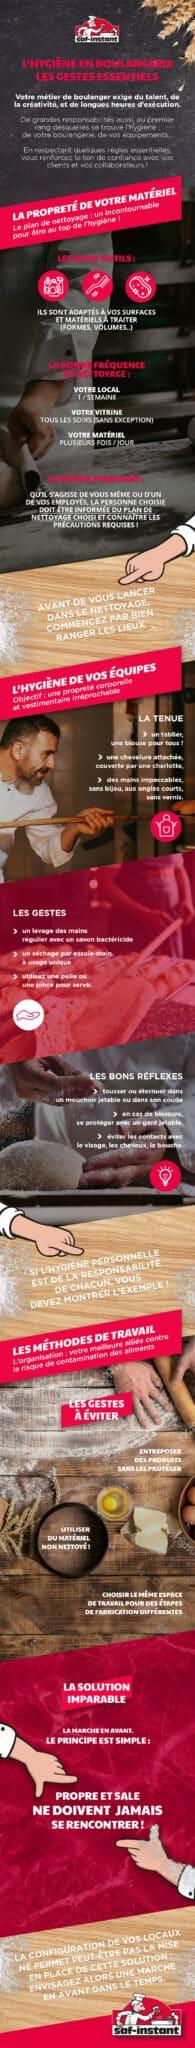 Hygiene en boulangerie